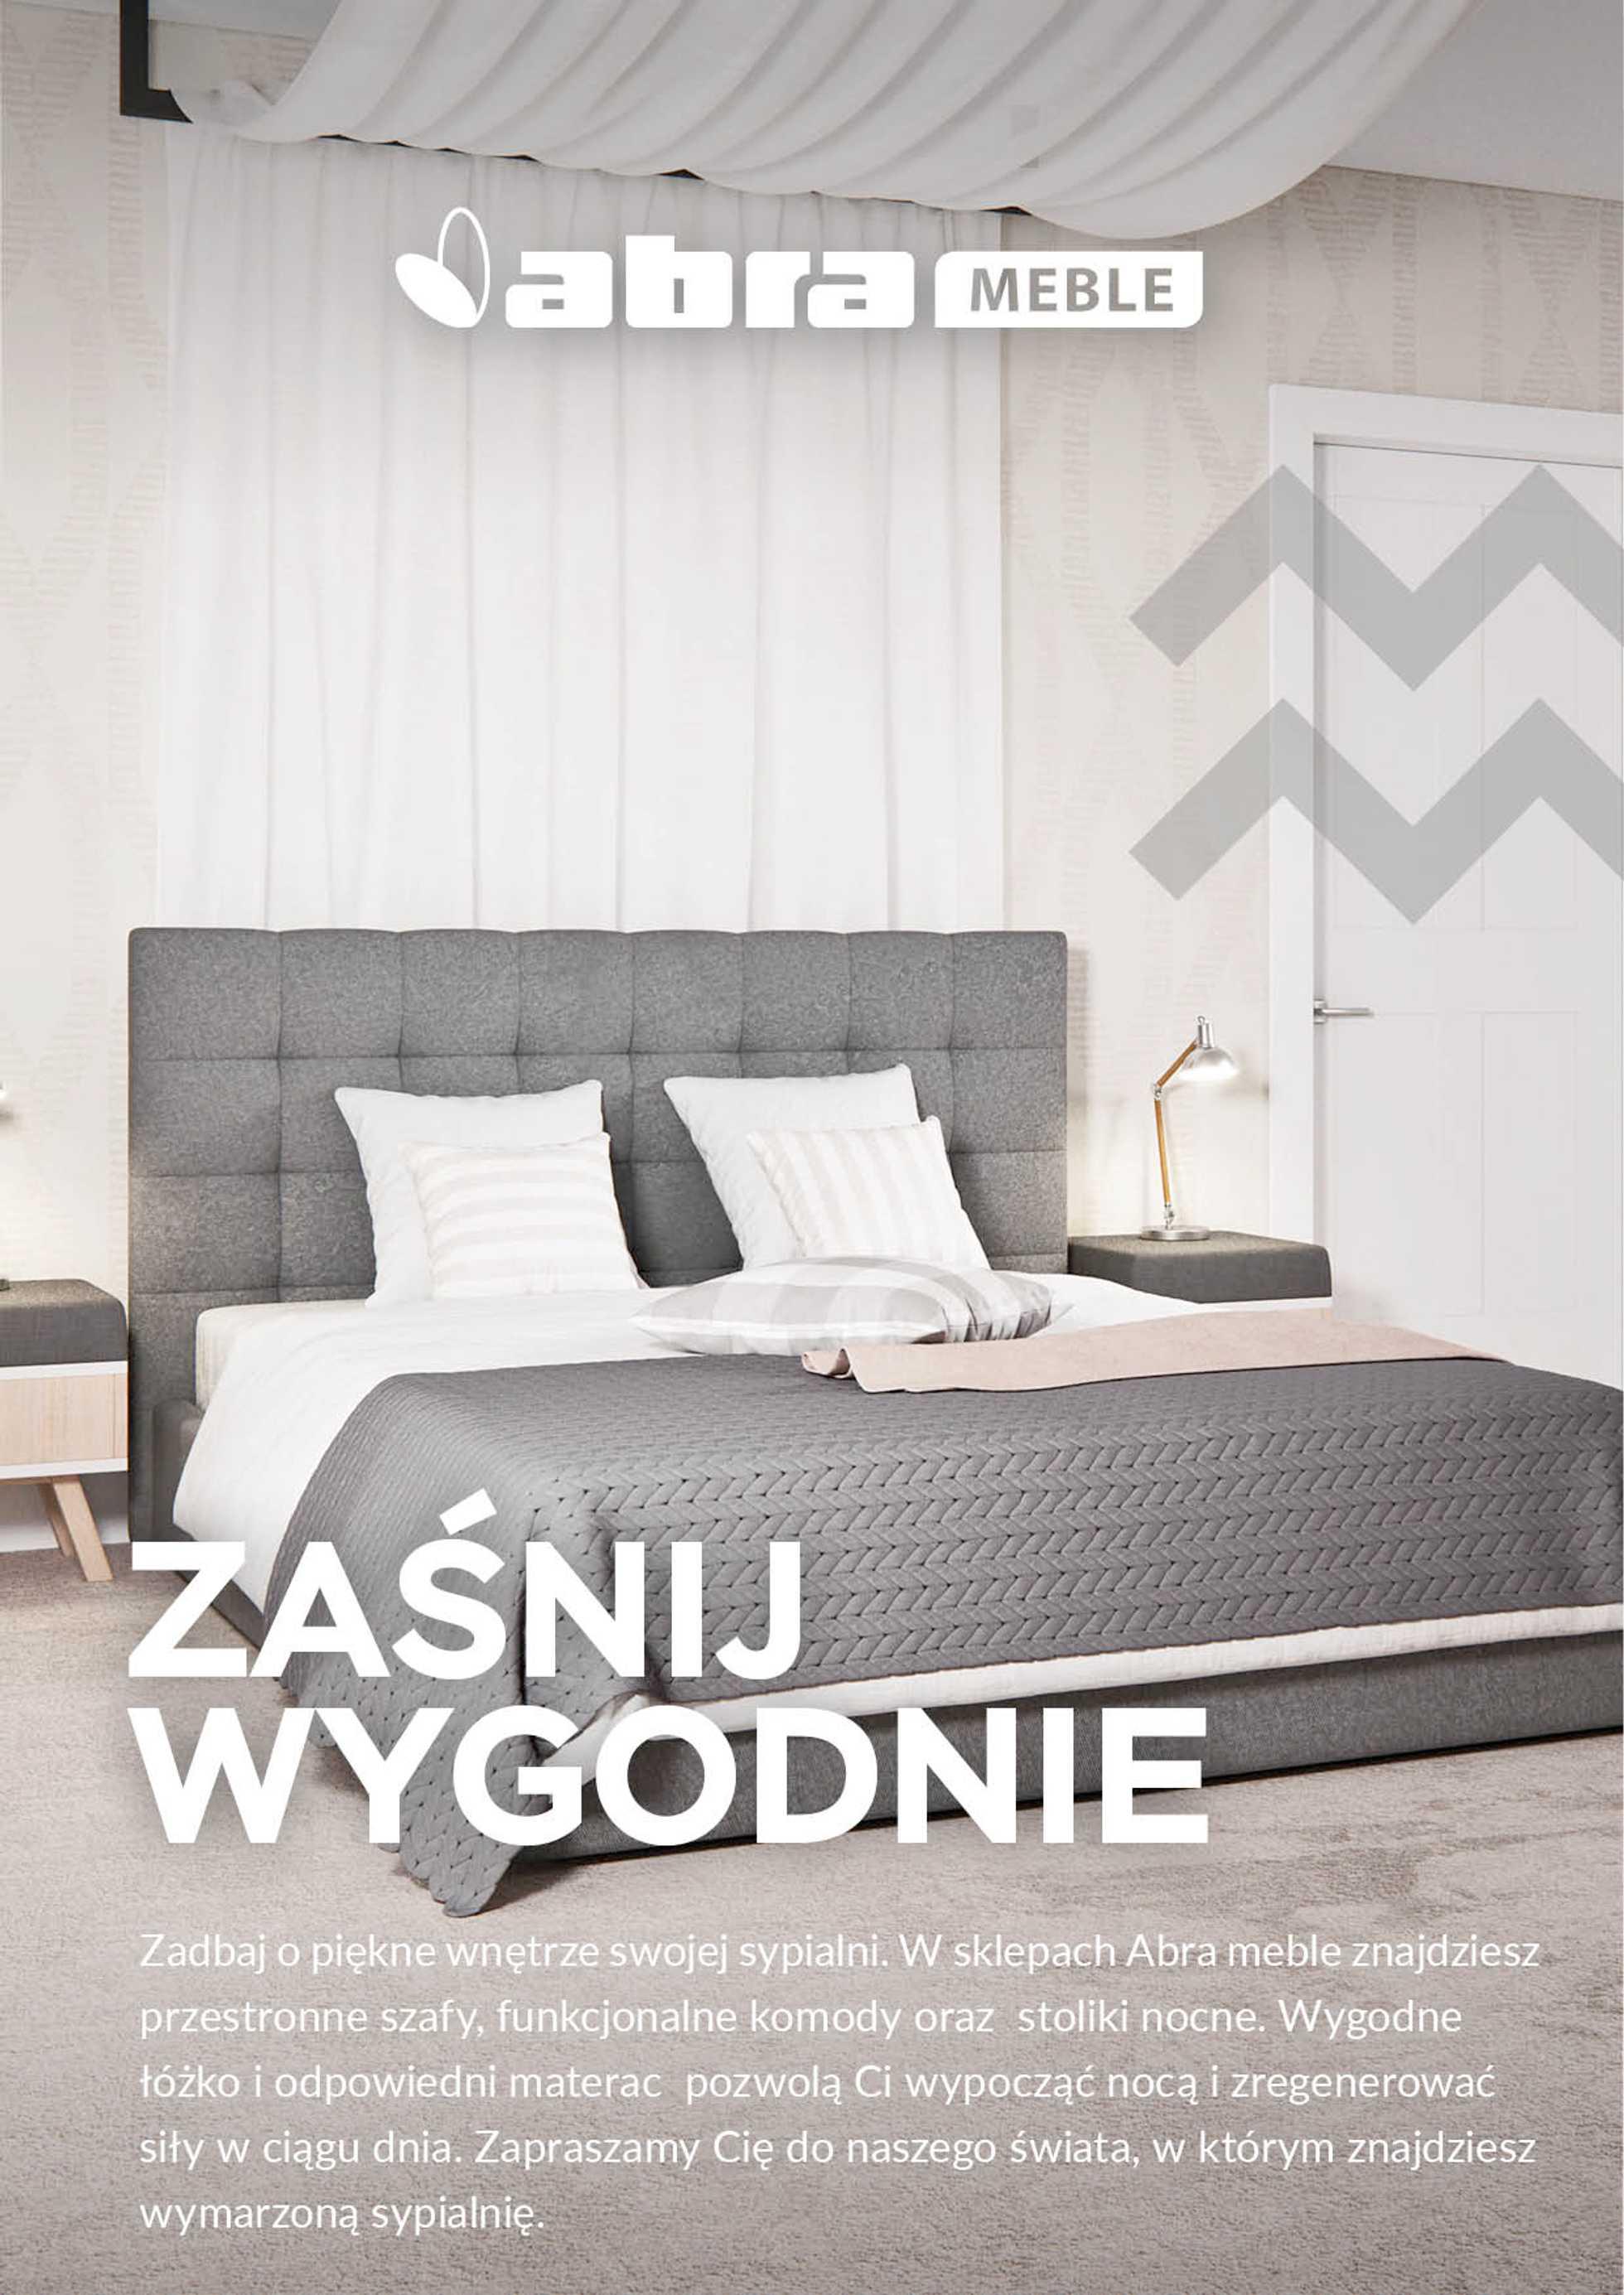 Abra Meble Gazetka Promocyjna 01 03 2019 Gazetkowopl